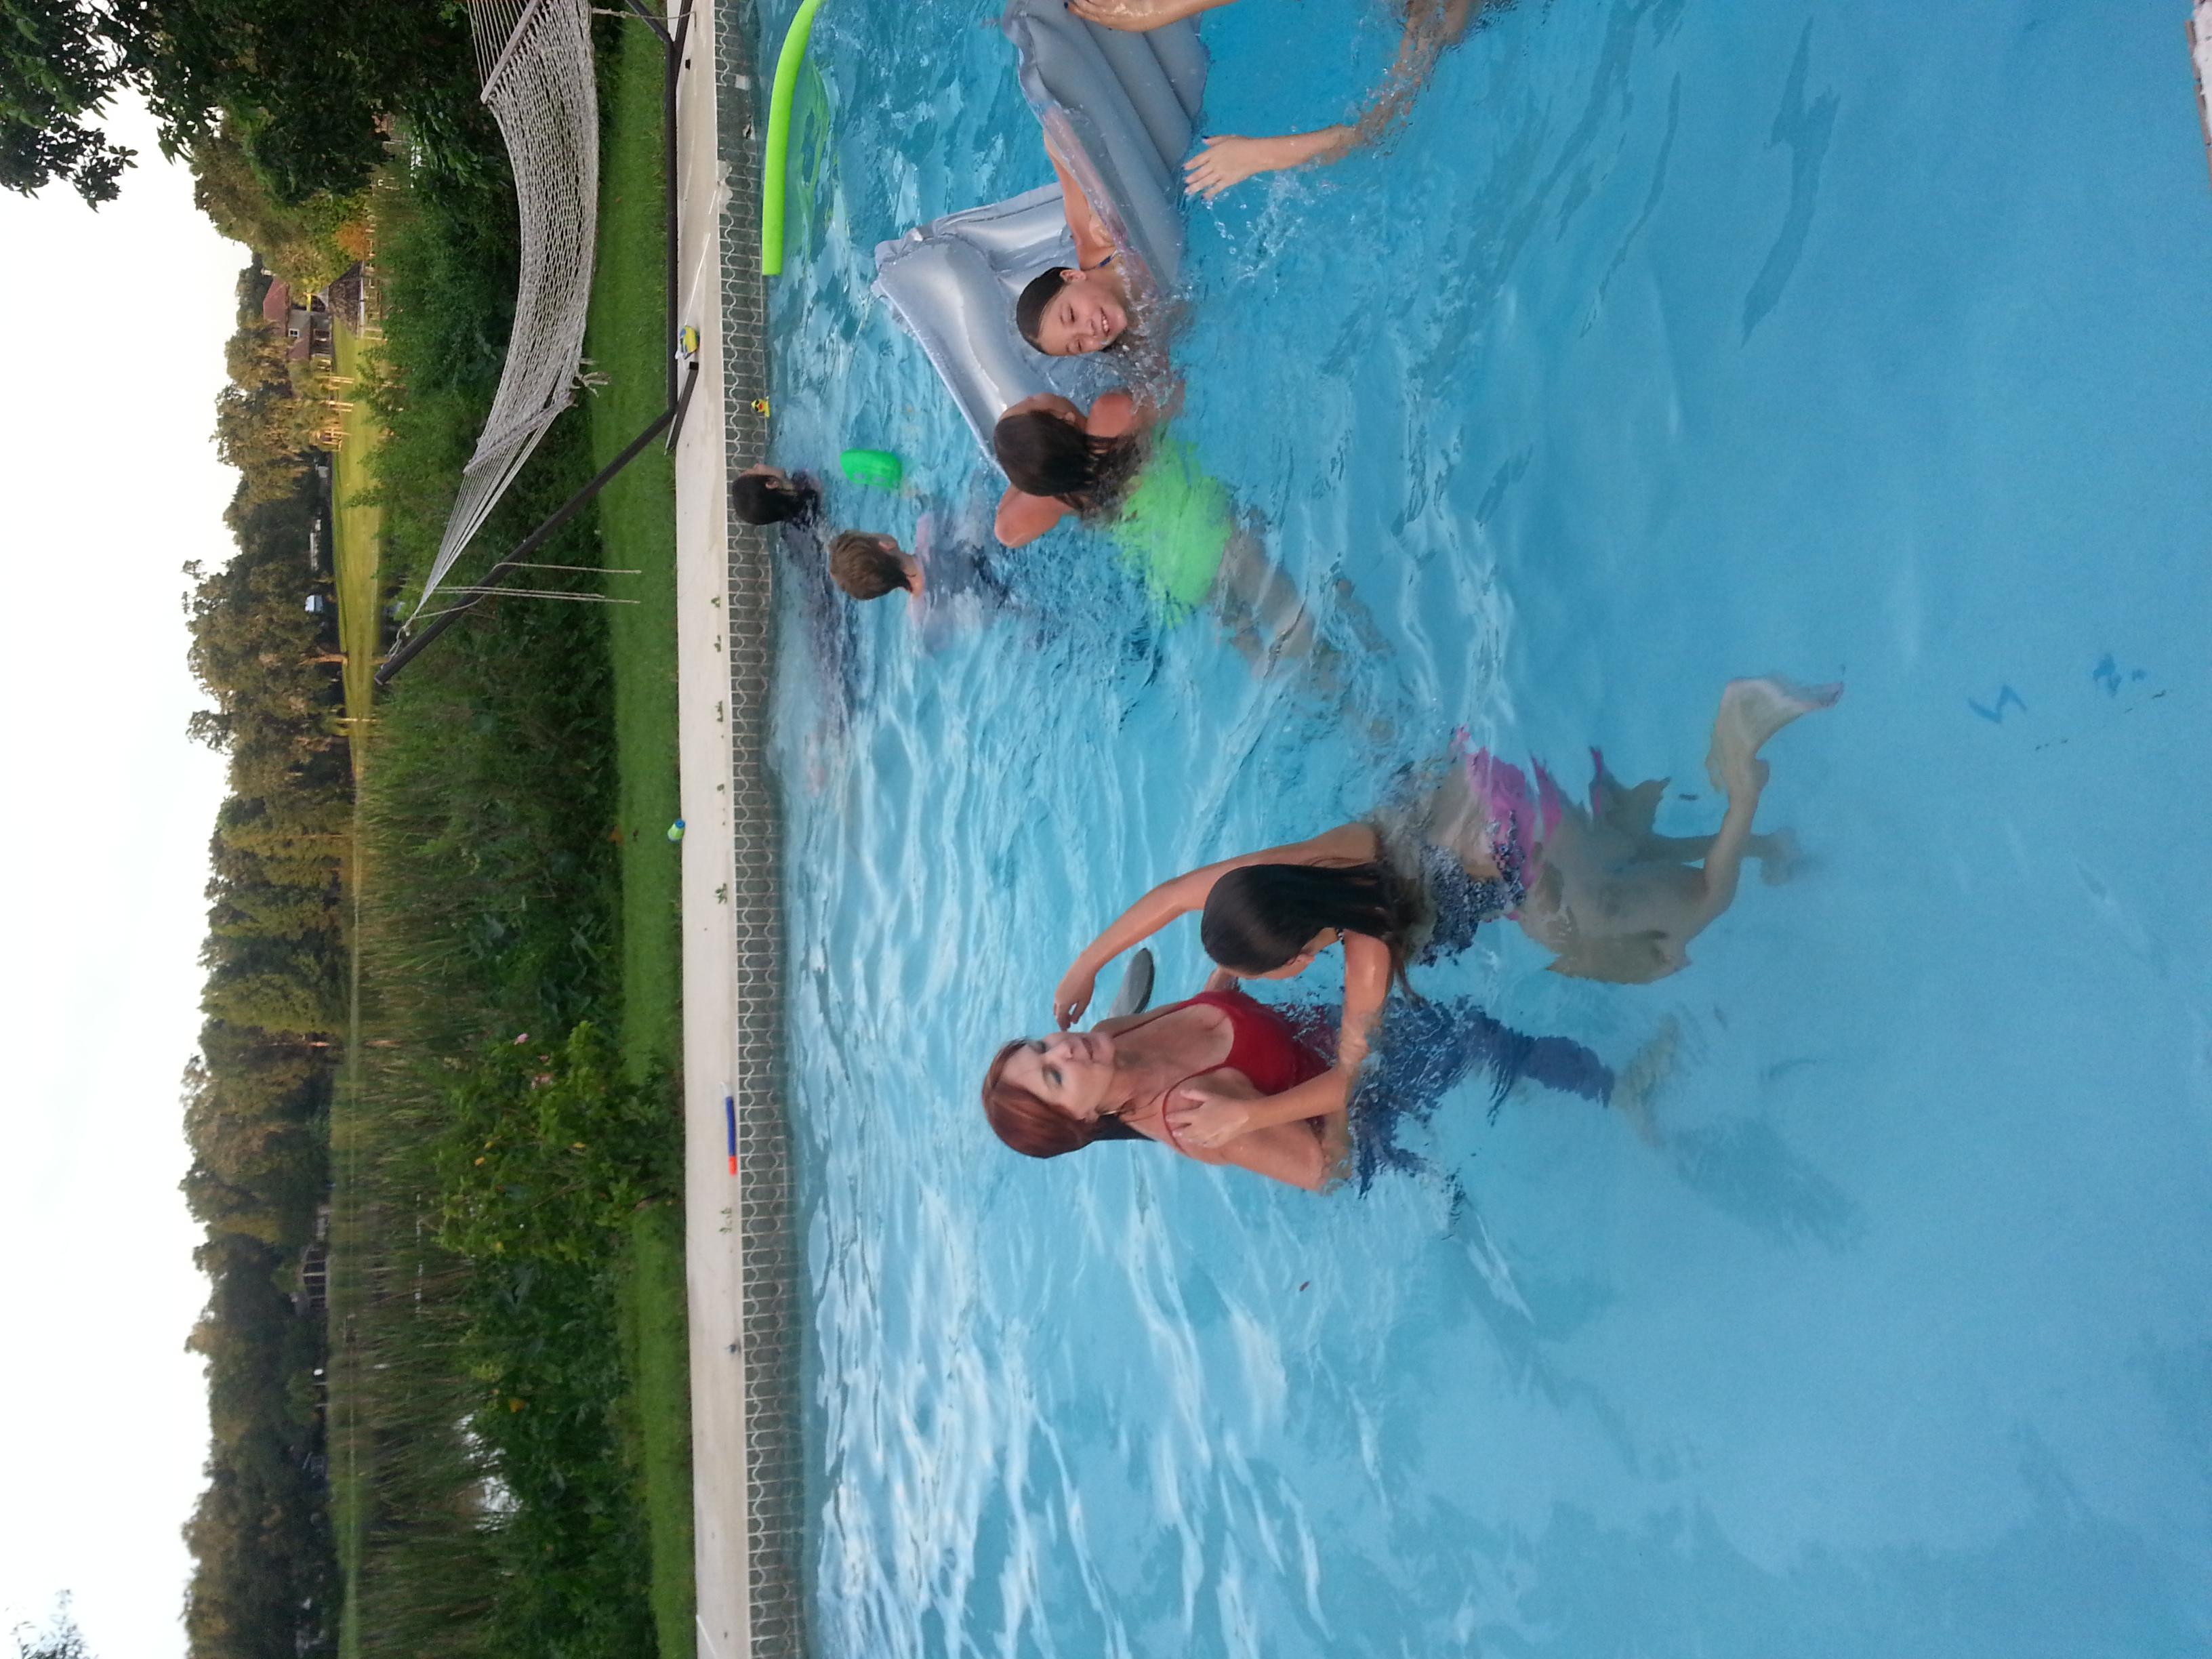 Fun time in the pool.